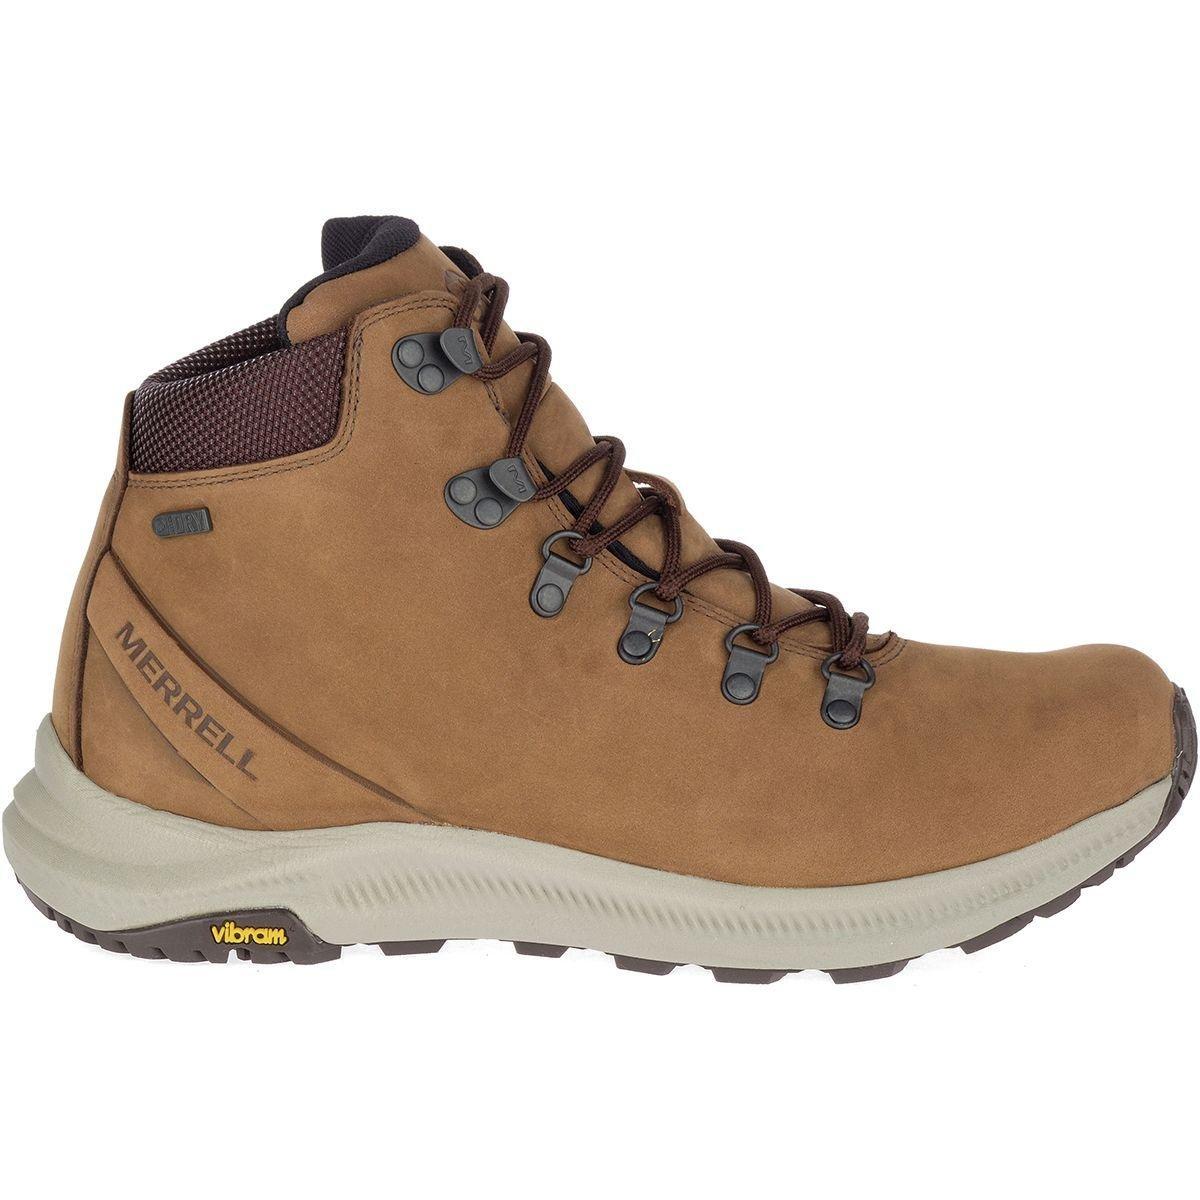 64327a31 Men's Brown Ontario Mid Waterproof Hiking Boot